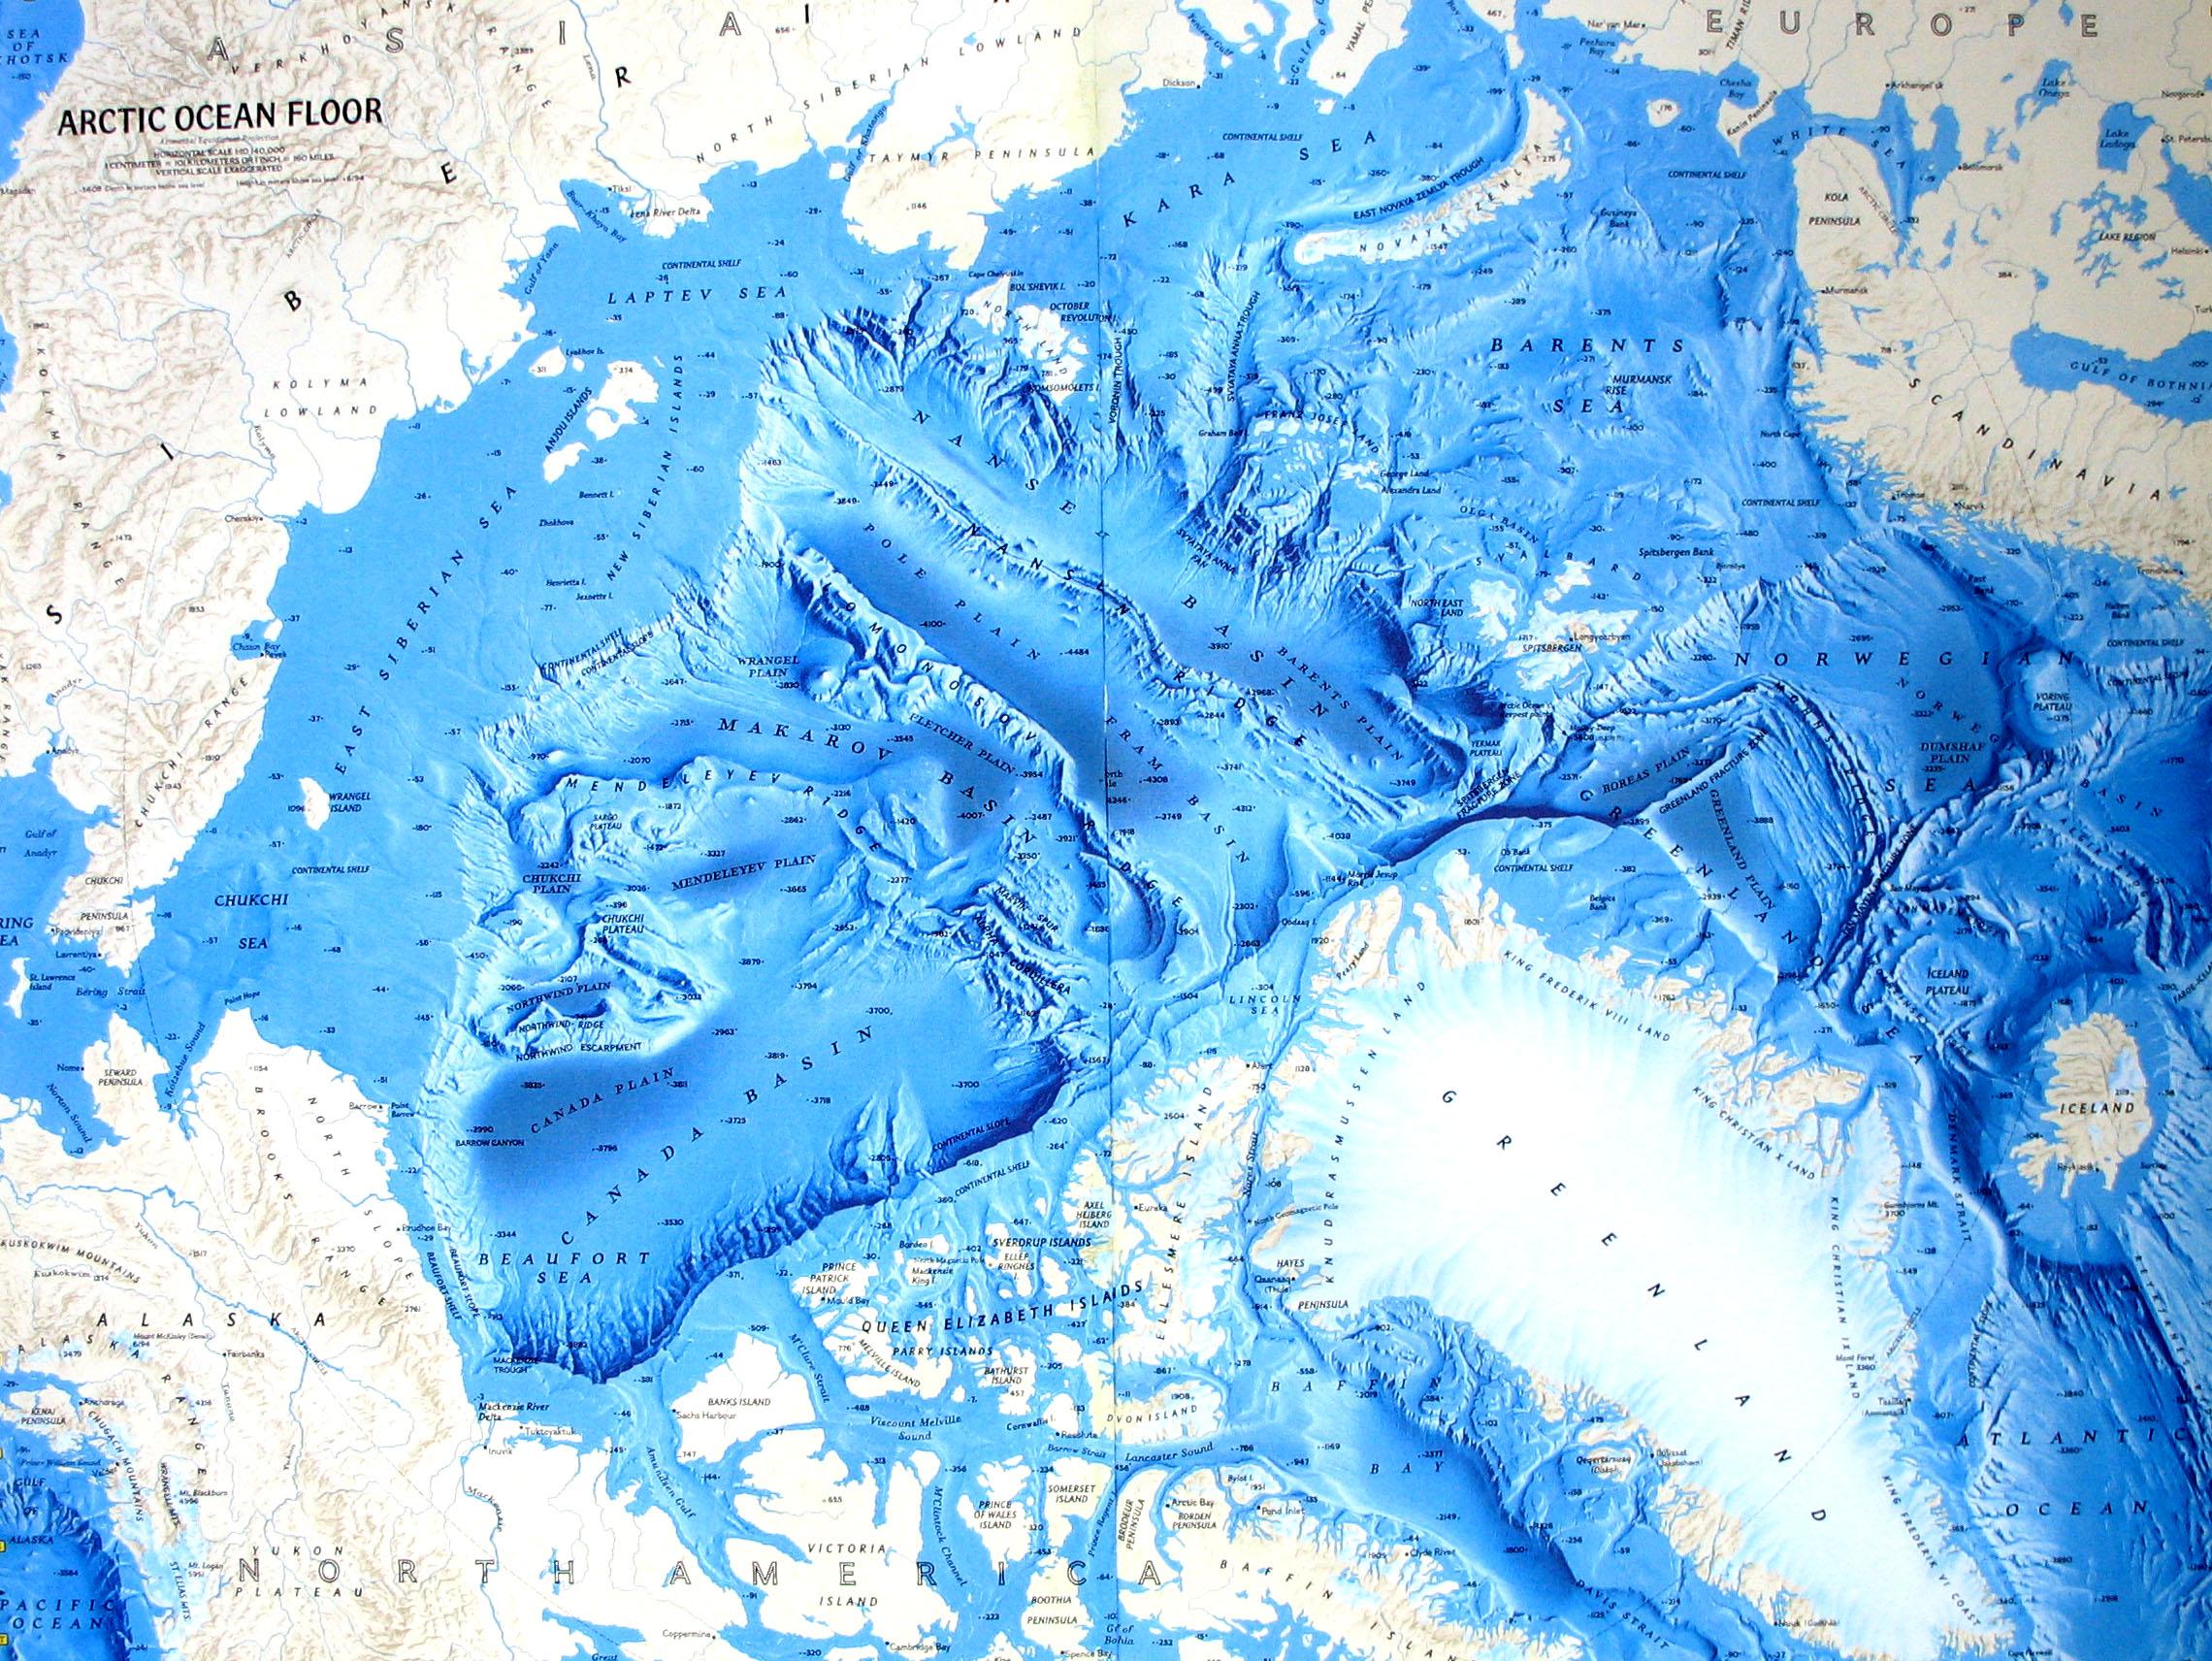 Arctic Ocean map - relief of the oceanic floor ... Pacific Ocean Underwater Map